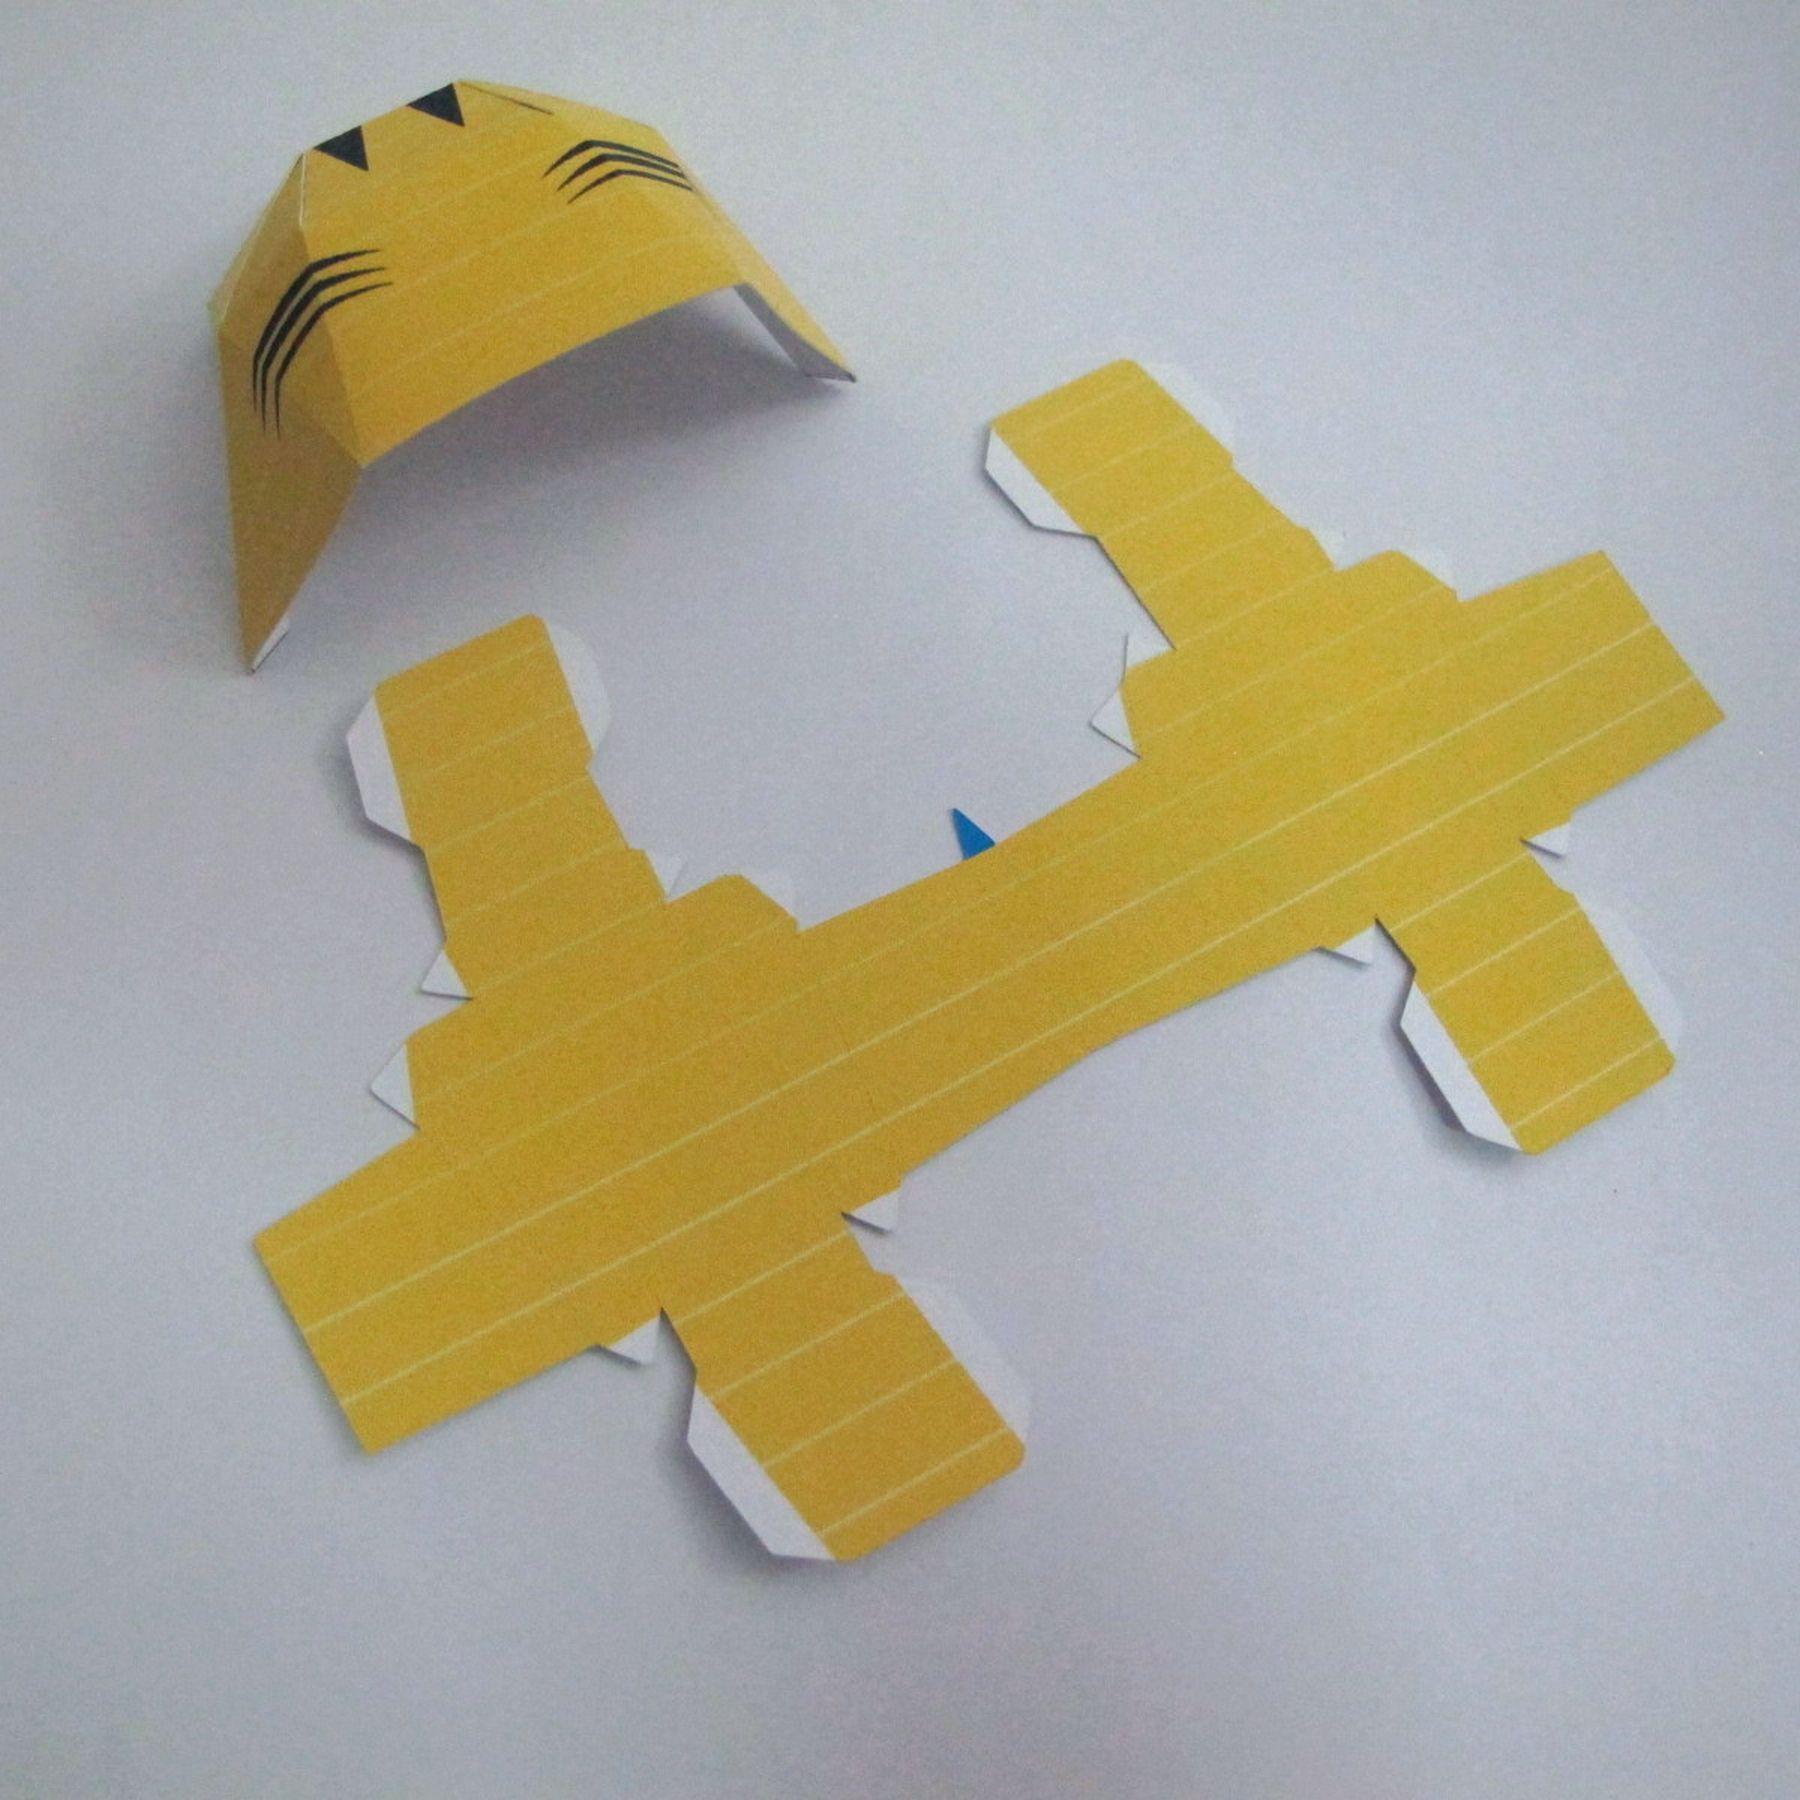 วิธีทำของเล่นโมเดลกระดาษ วูฟเวอรีน (Chibi Wolverine Papercraft Model) 025